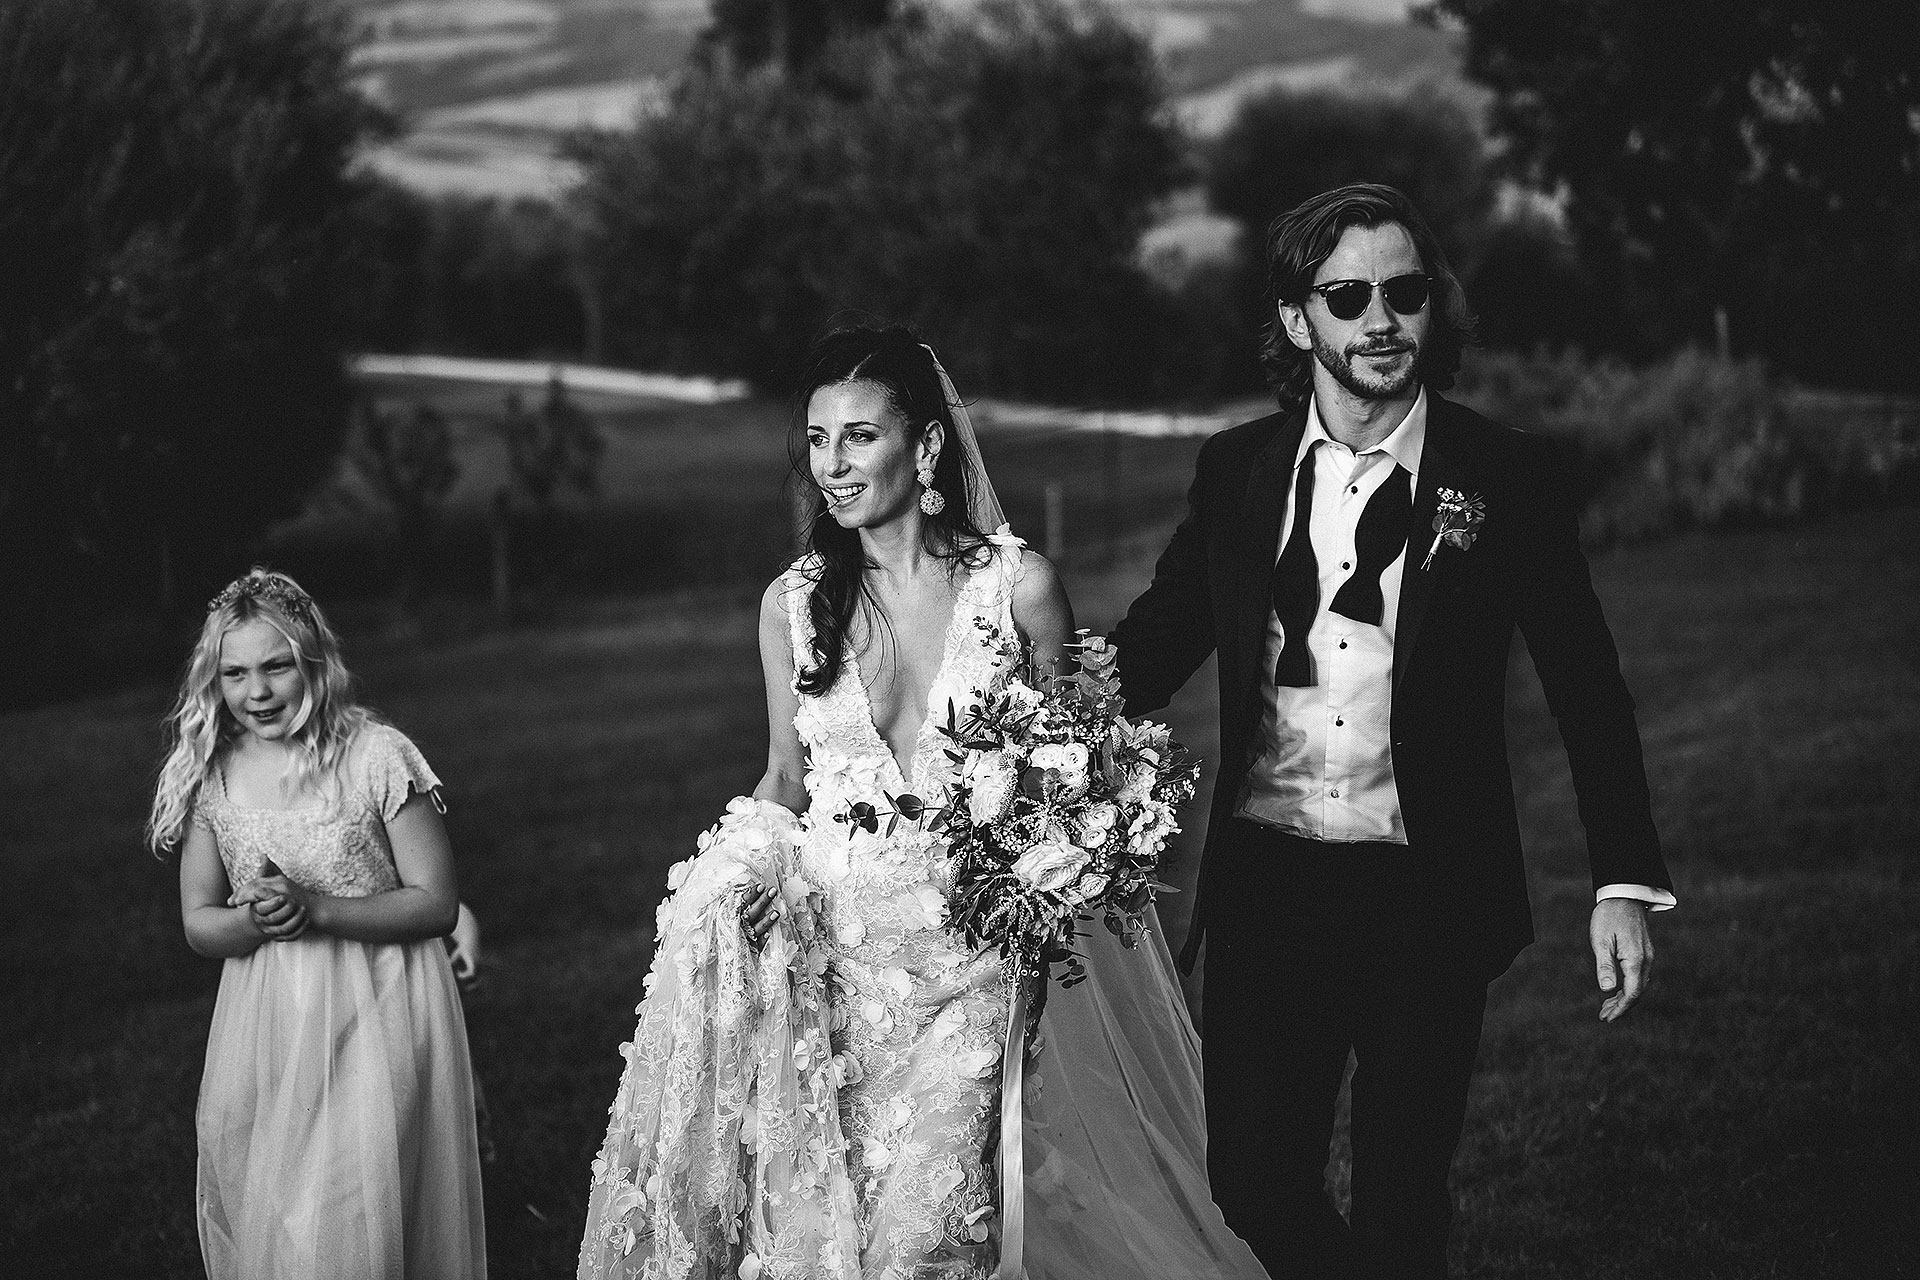 wedding-borgo-castelvecchio-0050